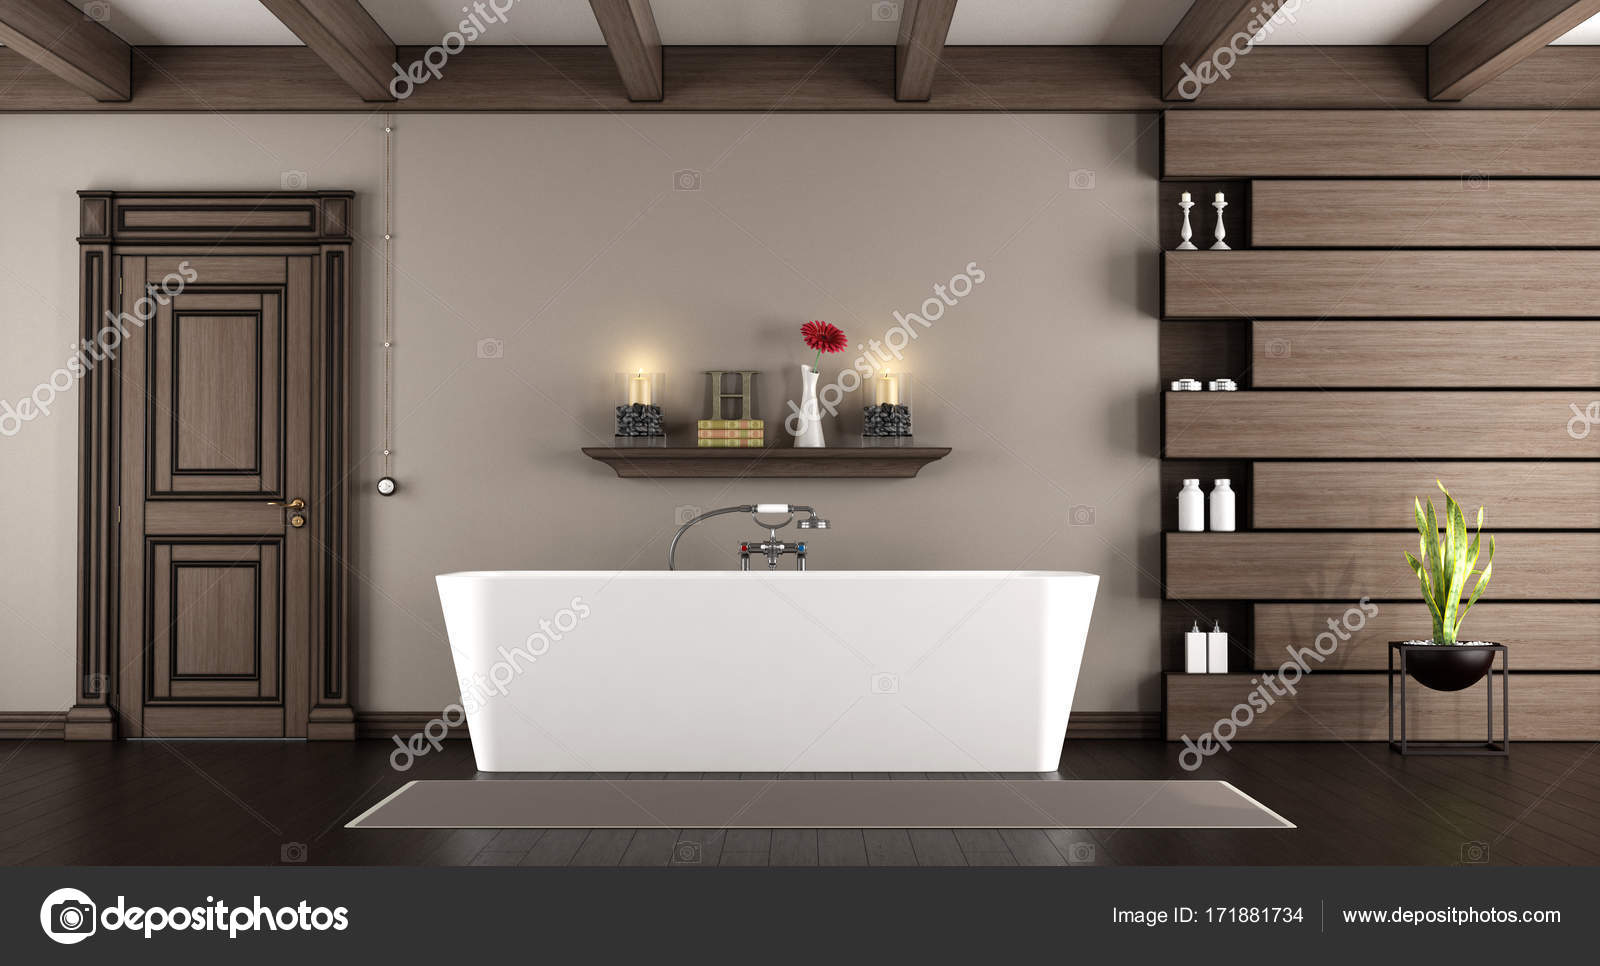 Baignoire moderne dans une salle de bain classique — Photographie ...